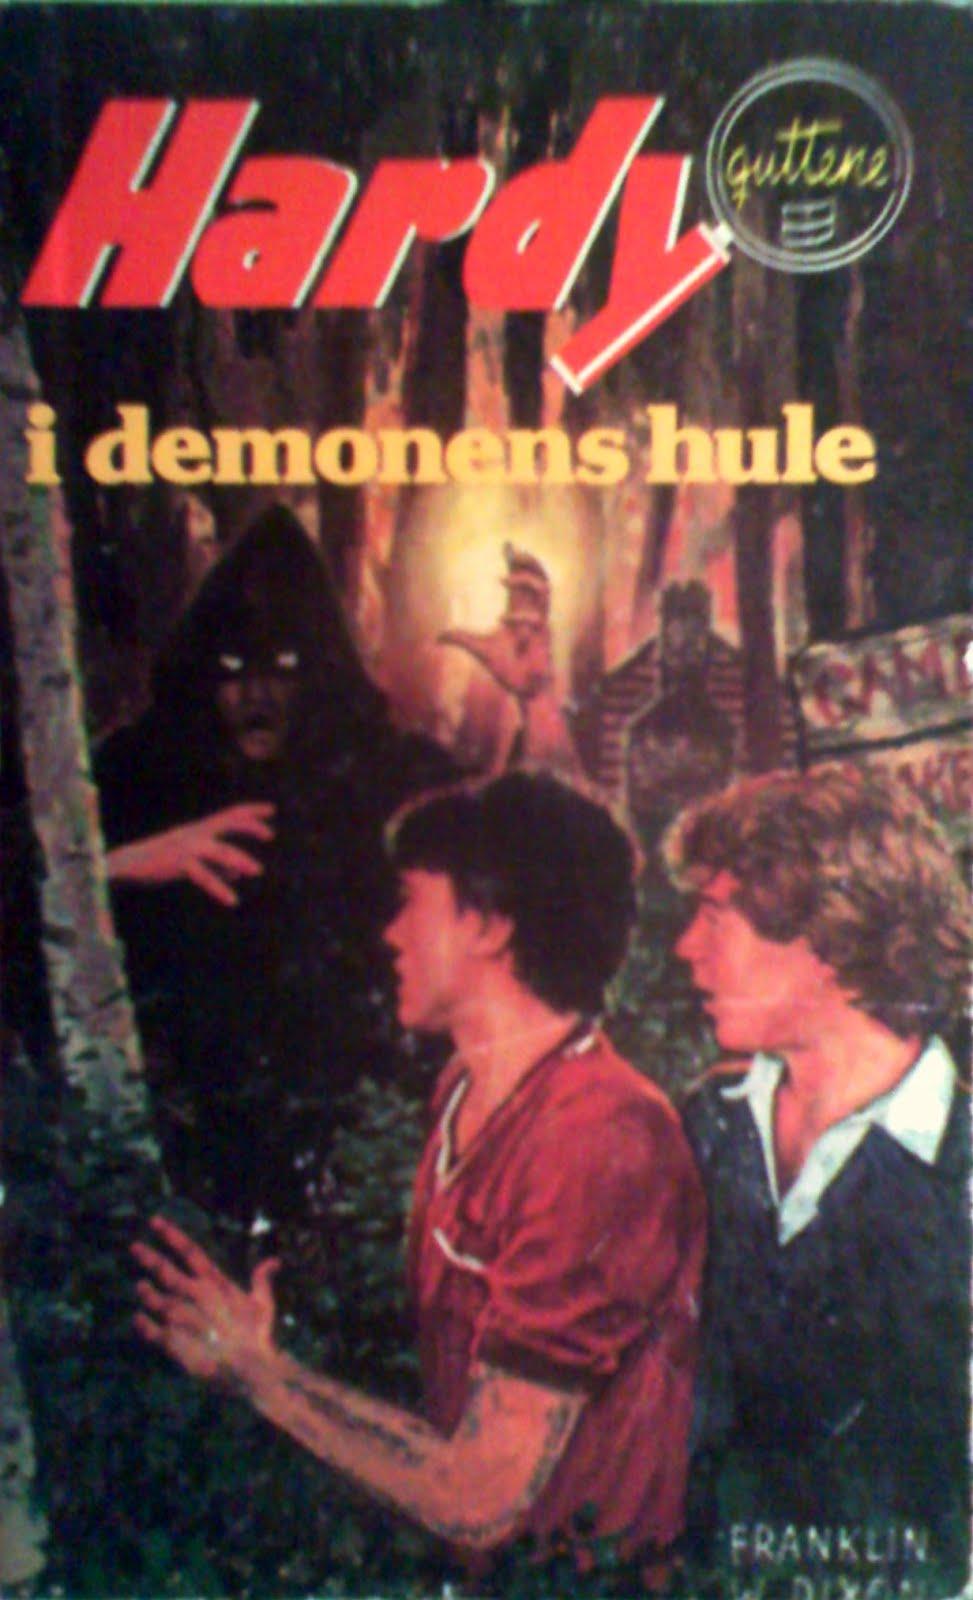 Hardyguttene i demonens hule